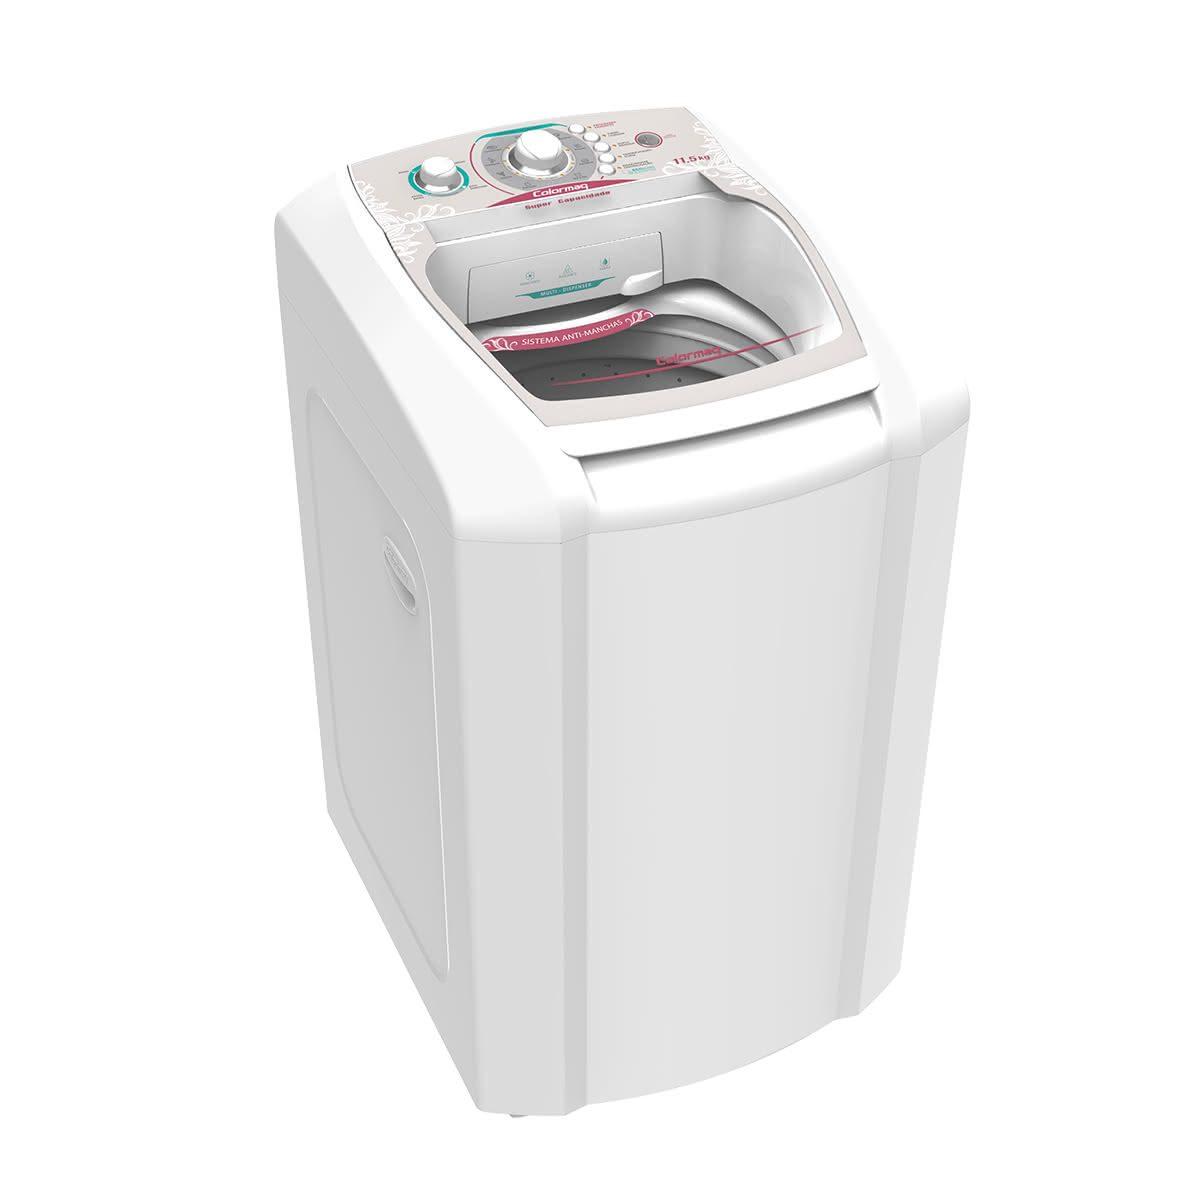 M quina de lavar roupa carrefour brastemp electrolux for Mueble lavadora carrefour